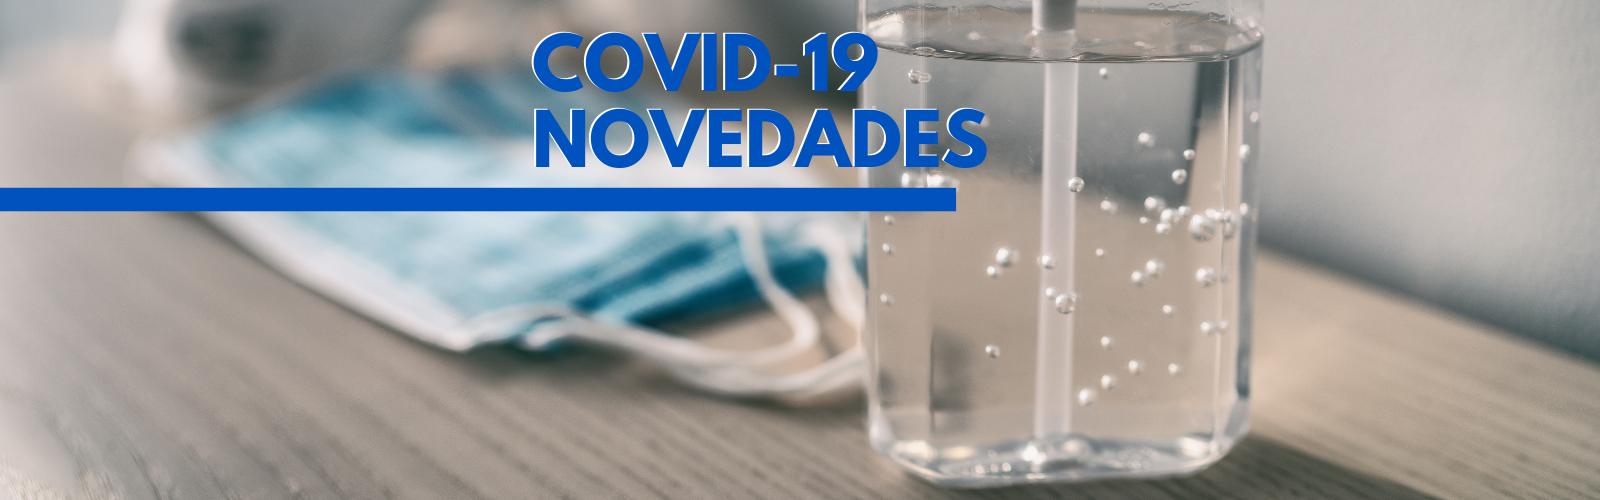 ACTUALIZACIÓN COVID-19